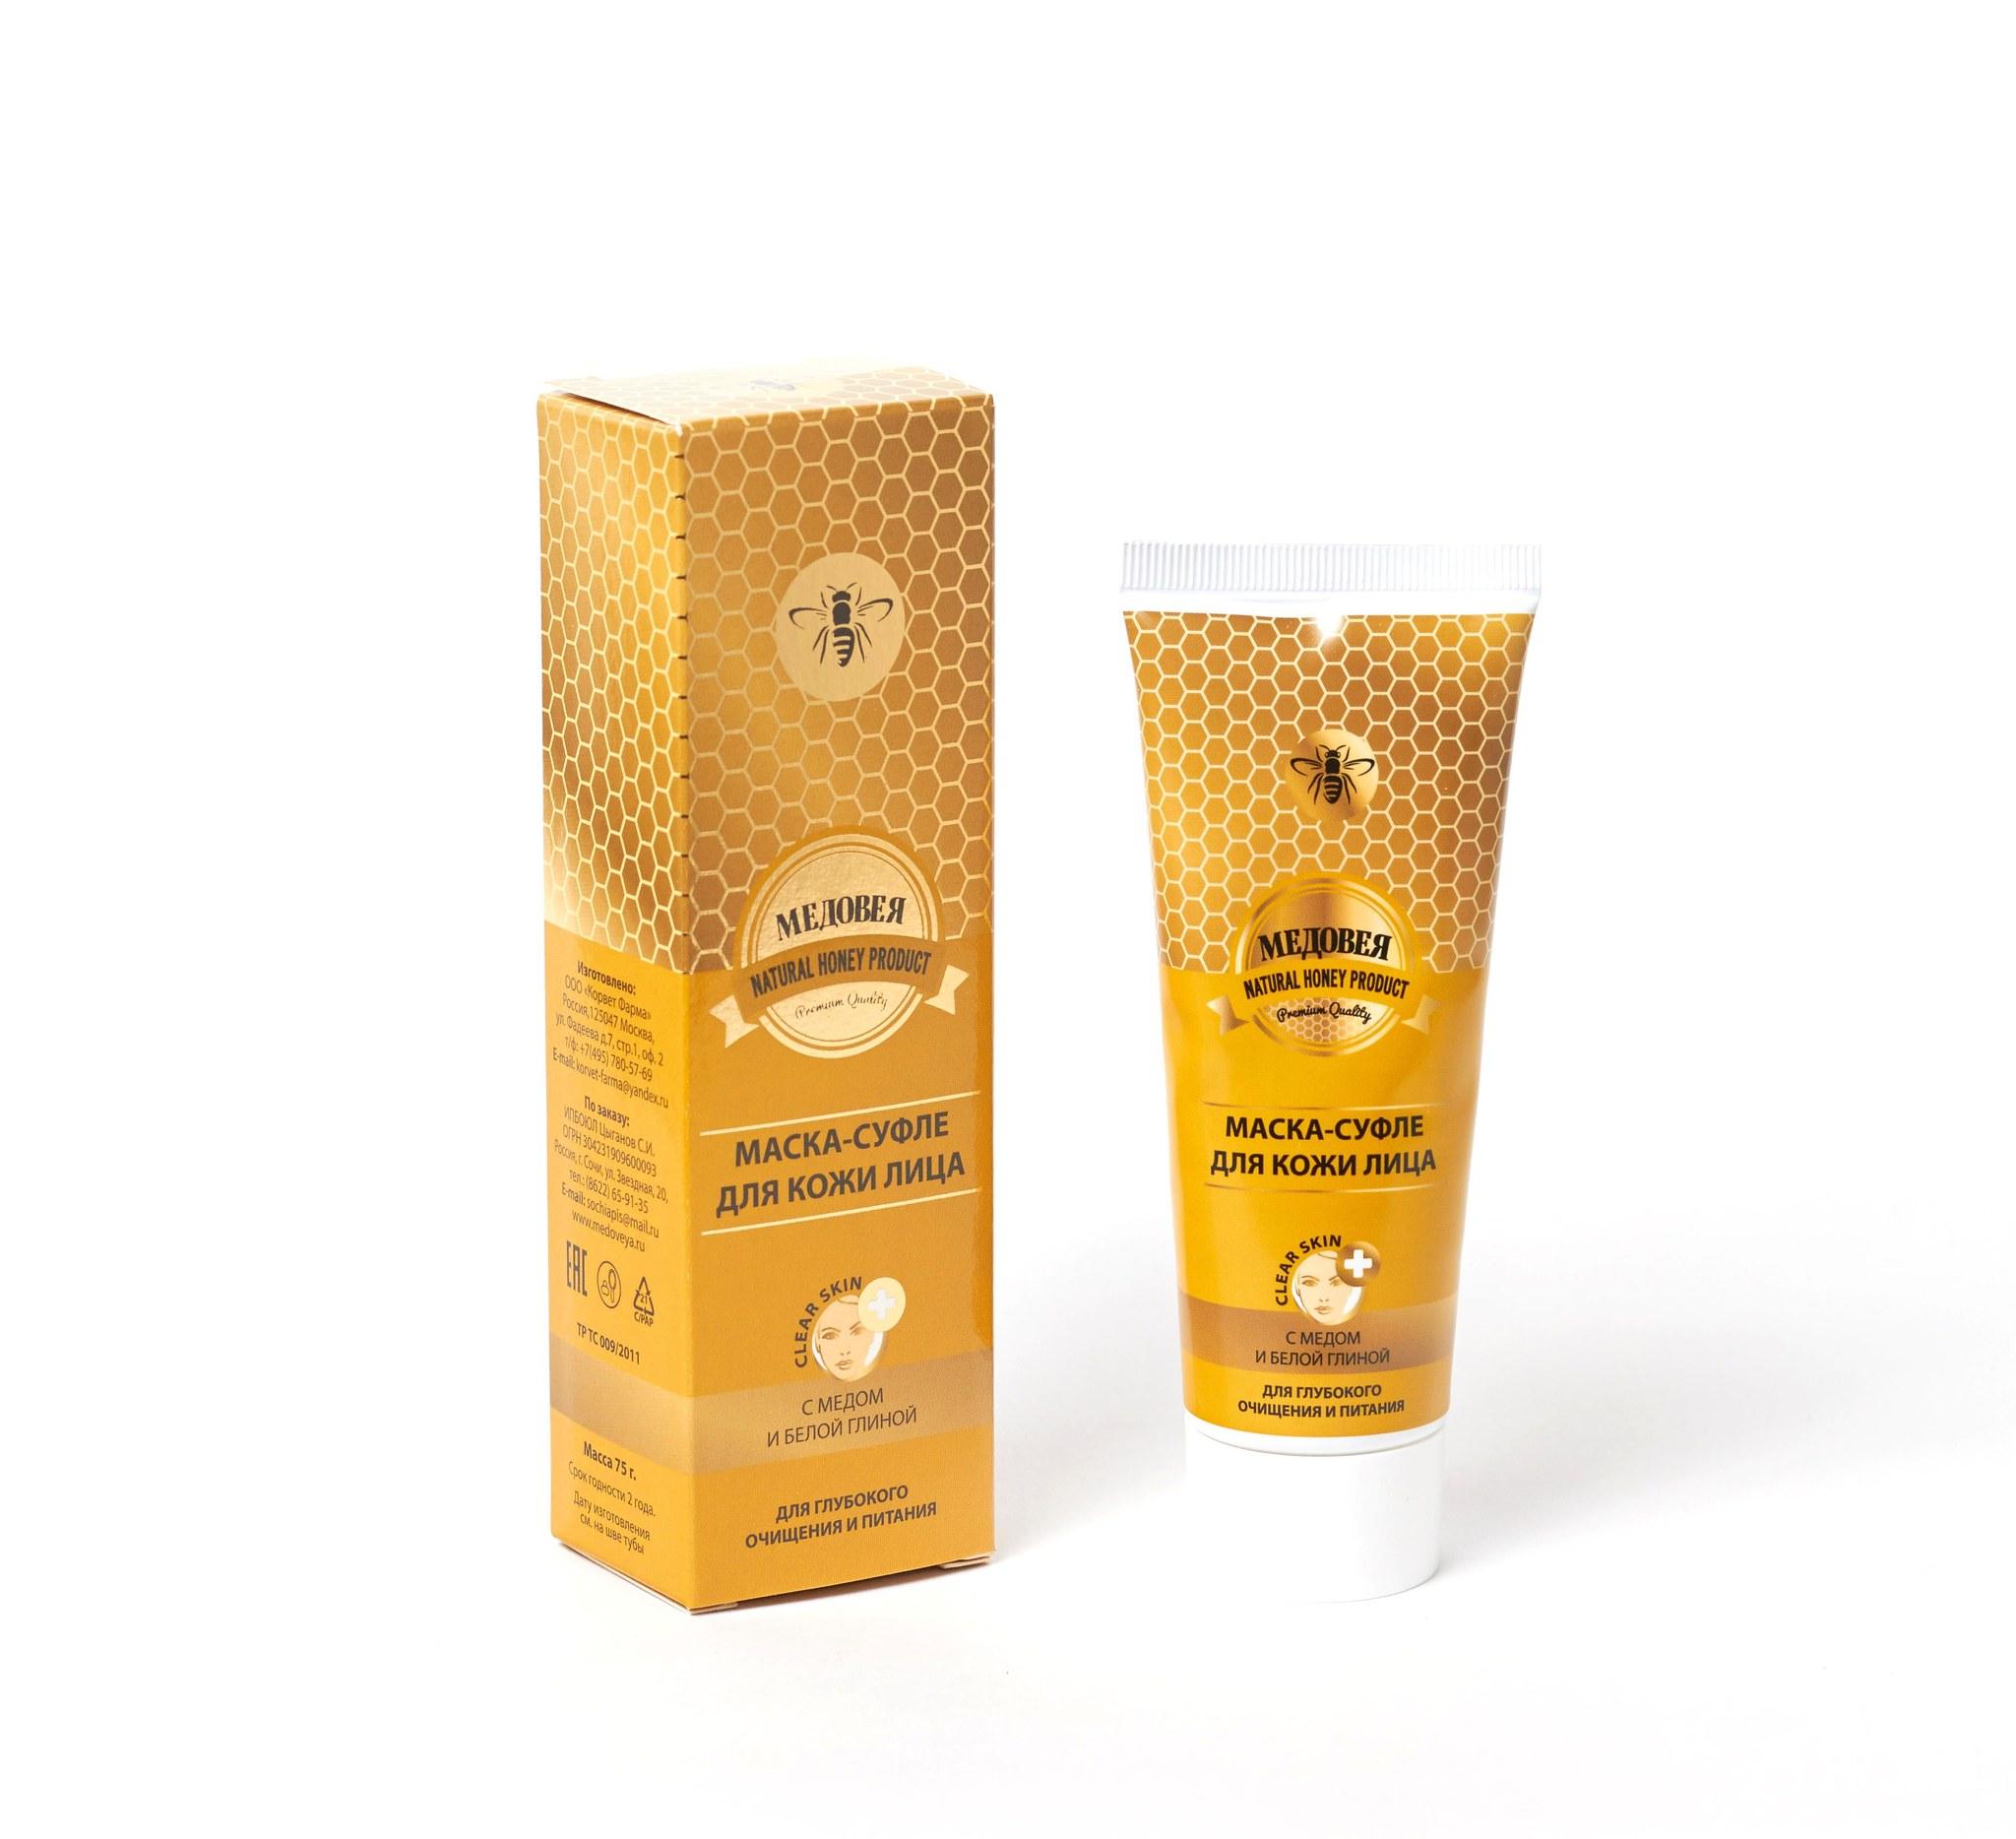 Маска-суфле с медом и белой глиной «Медовея»